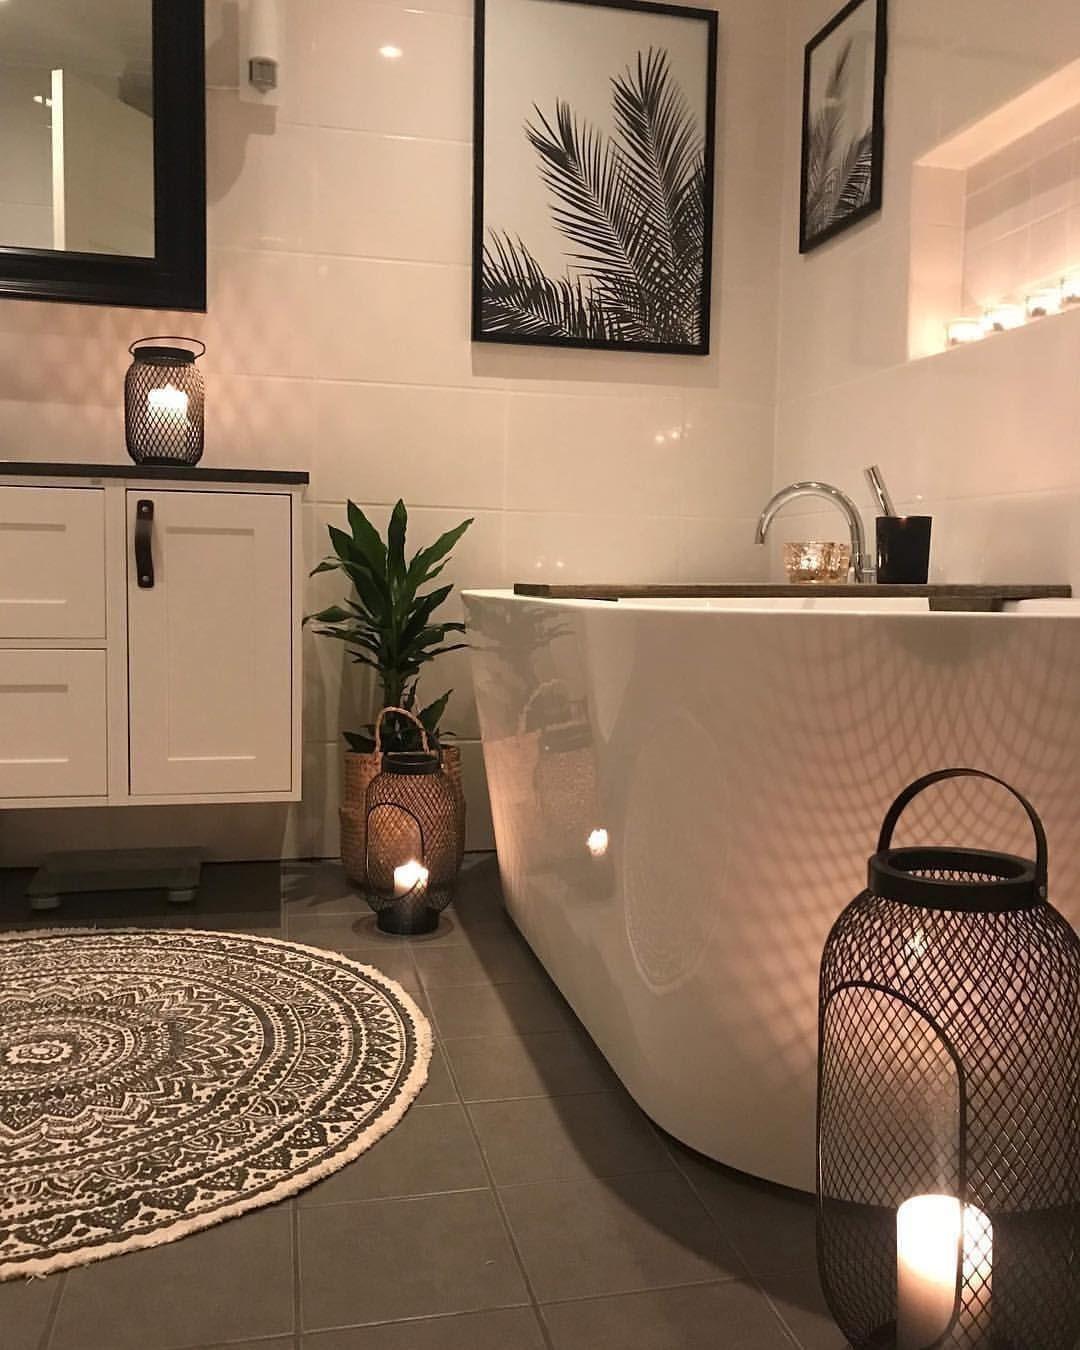 5 Brauch Badezimmer Deko Schwarz Weiss Foto Und Tipps Diy Apartment Decor Diy Apartments House Styles